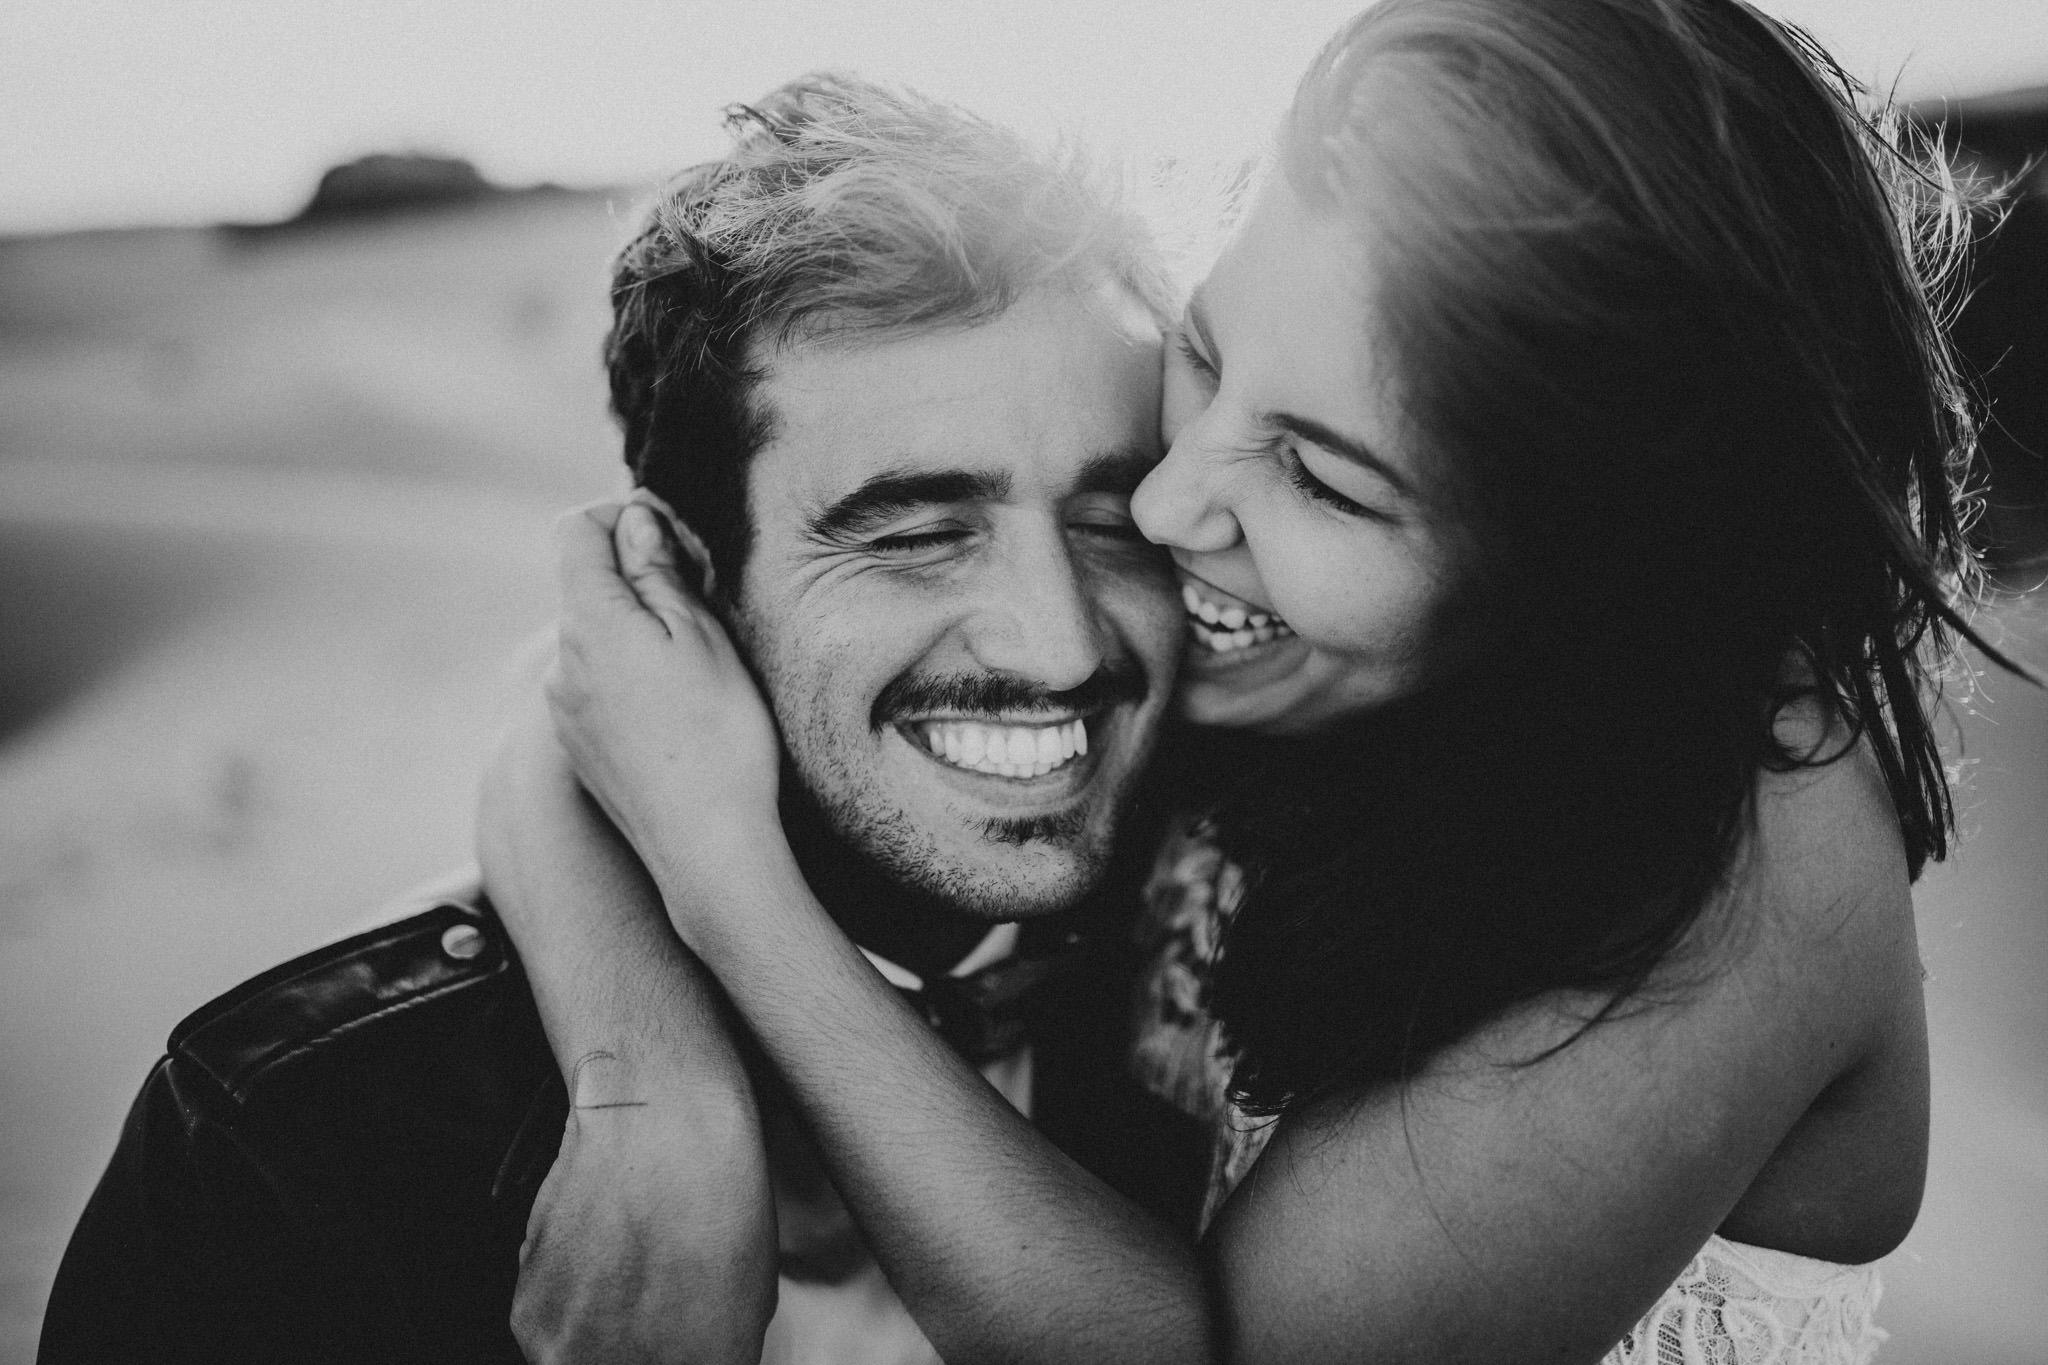 fotografo-boda-las-palmas-gran-canaria-30